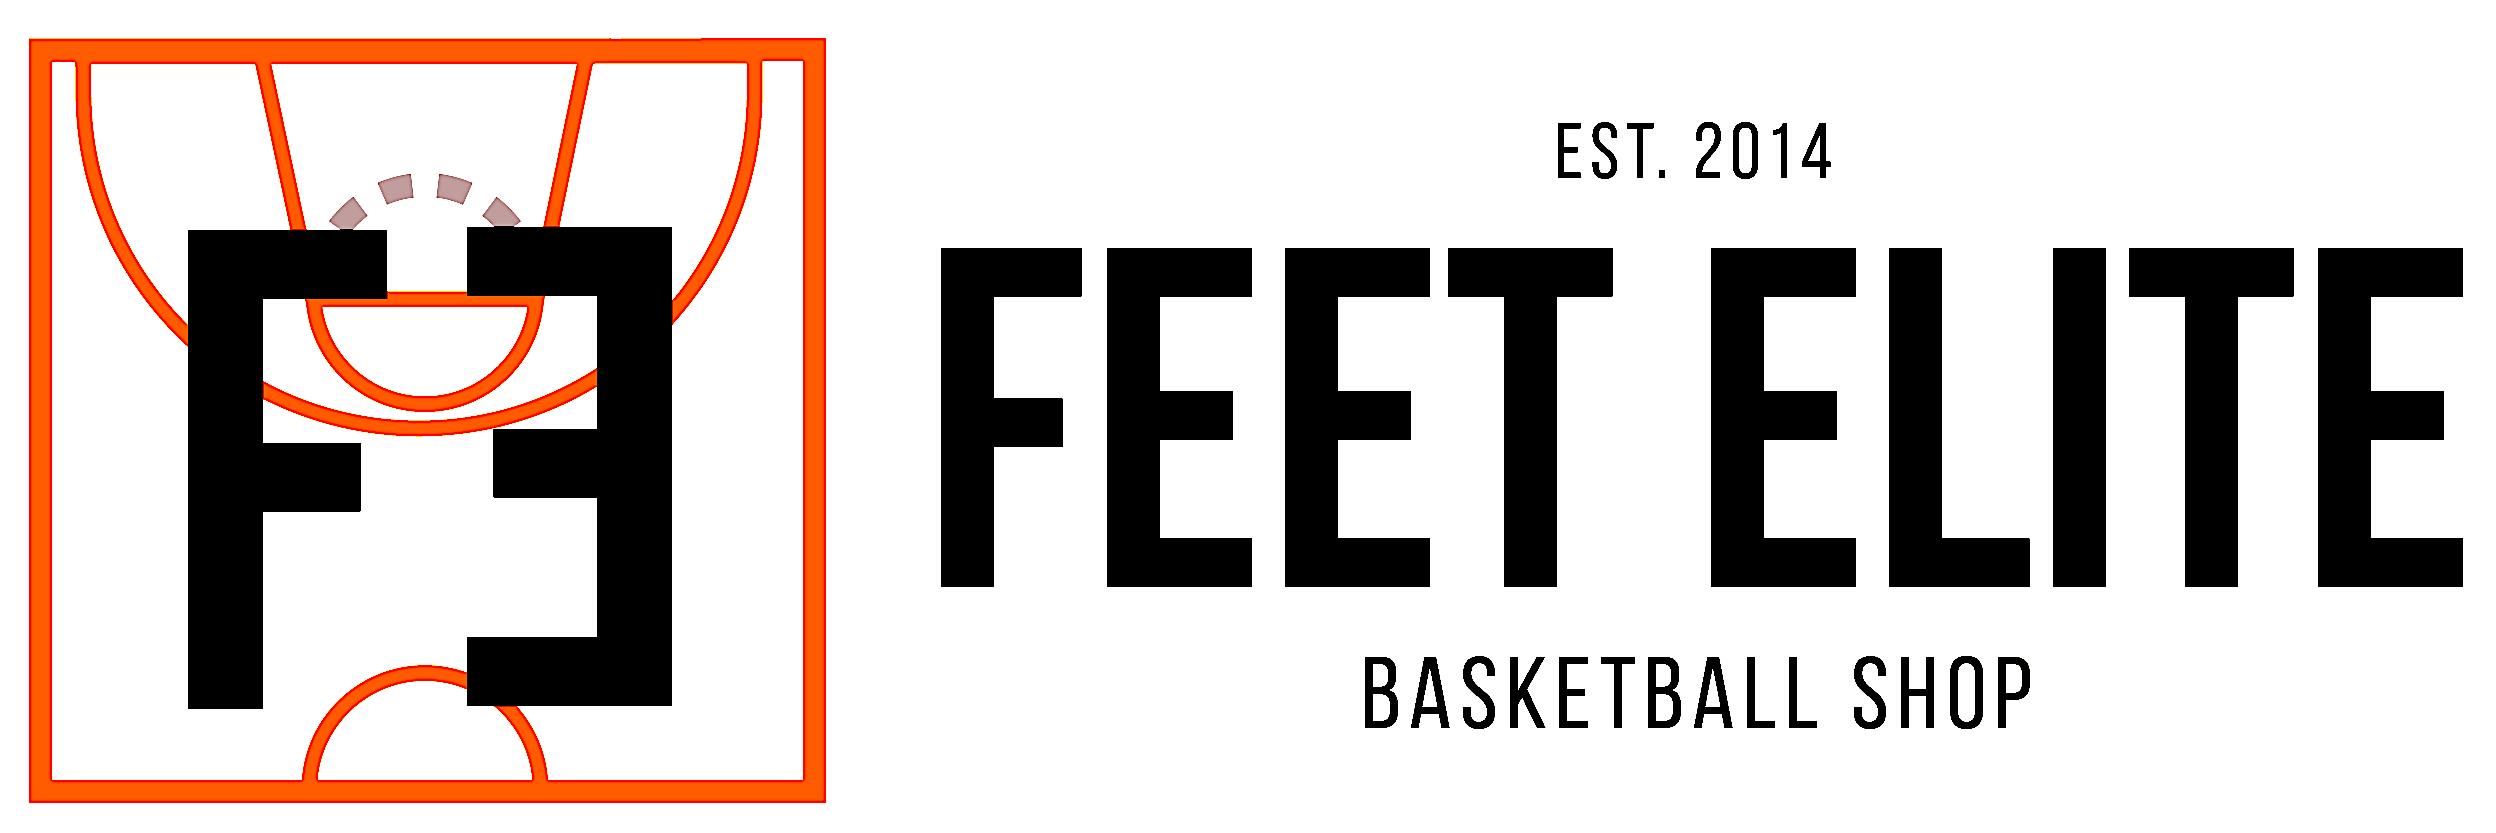 FeetElite